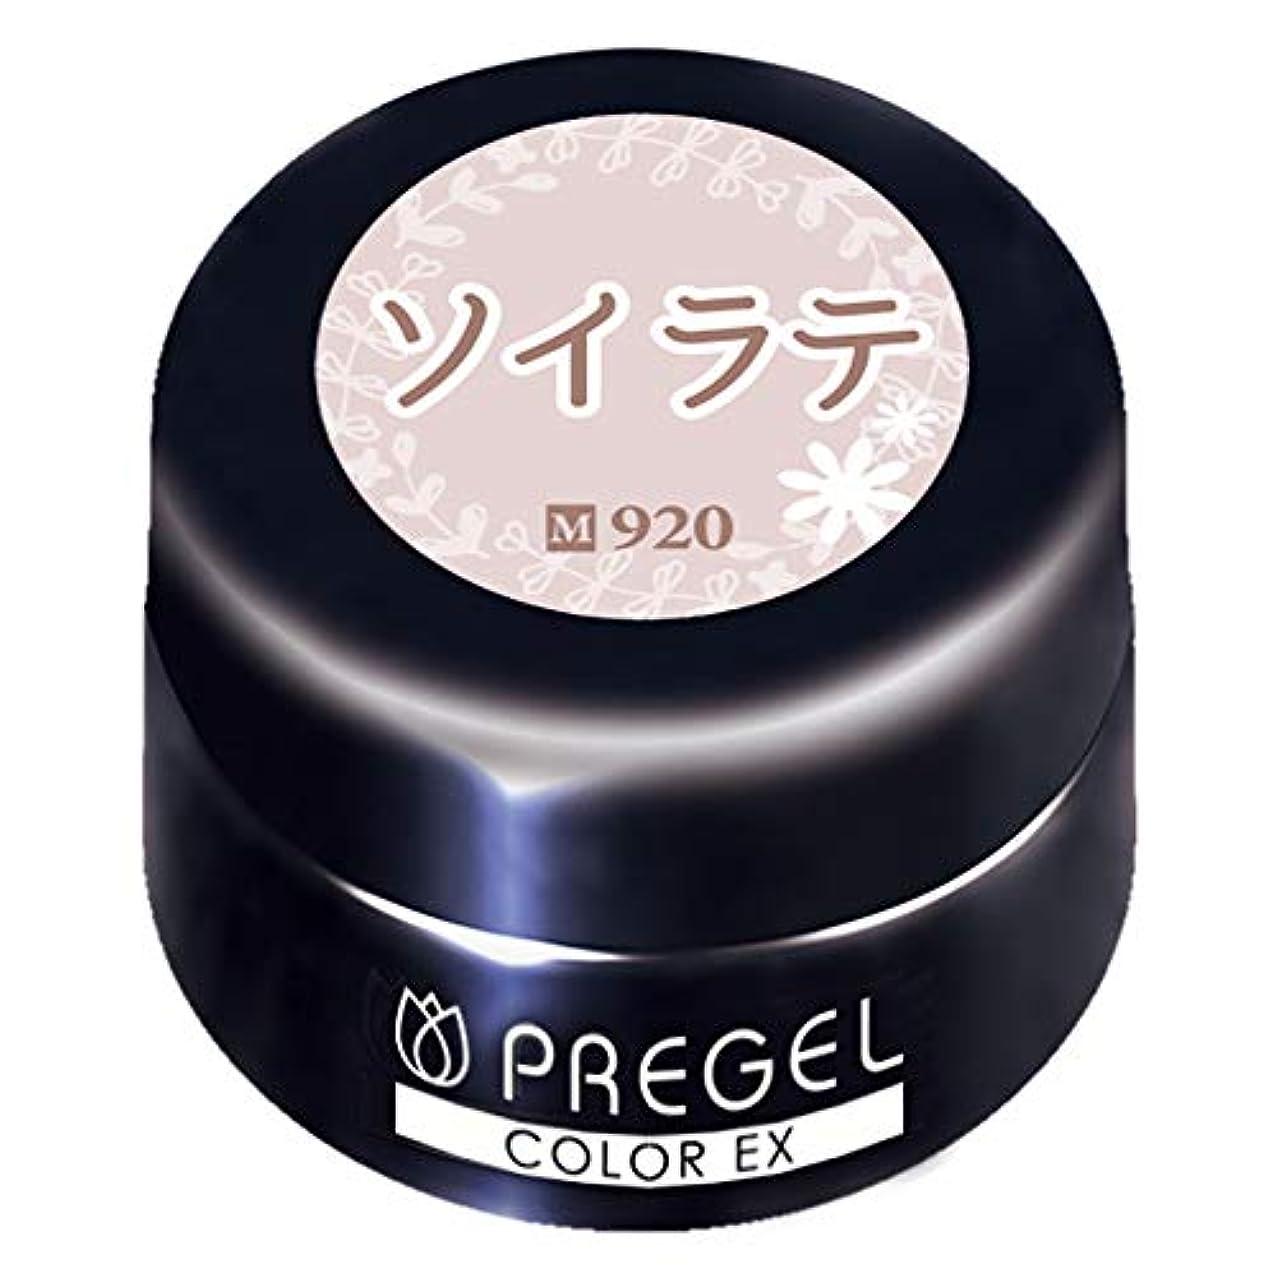 絶望的な鼻ガレージPRE GEL(プリジェル) PRE GEL カラーEX ソイラテ920 3g PG-CE920 UV/LED対応 ジェルネイル